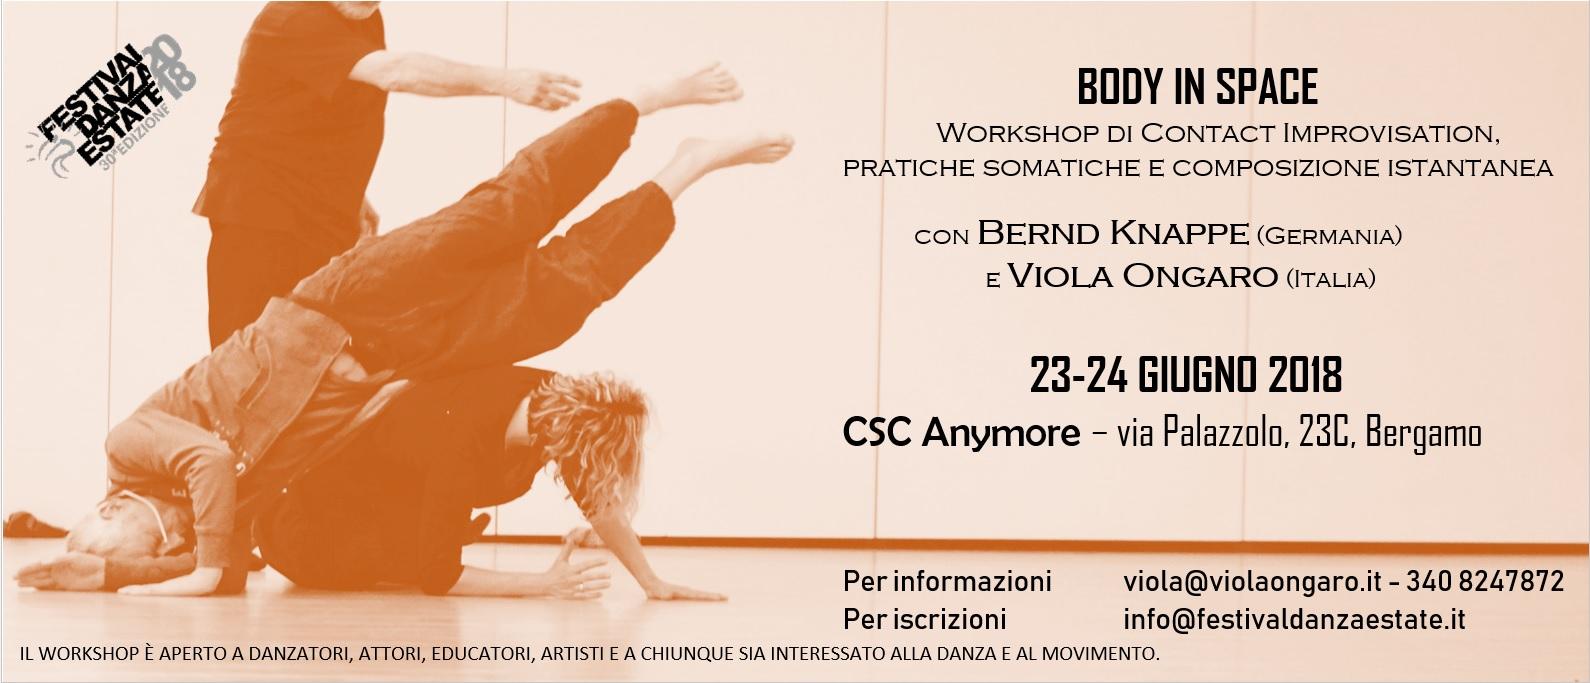 seminario - workshop Bergamo Bernd Knappe - Viola Ongaro